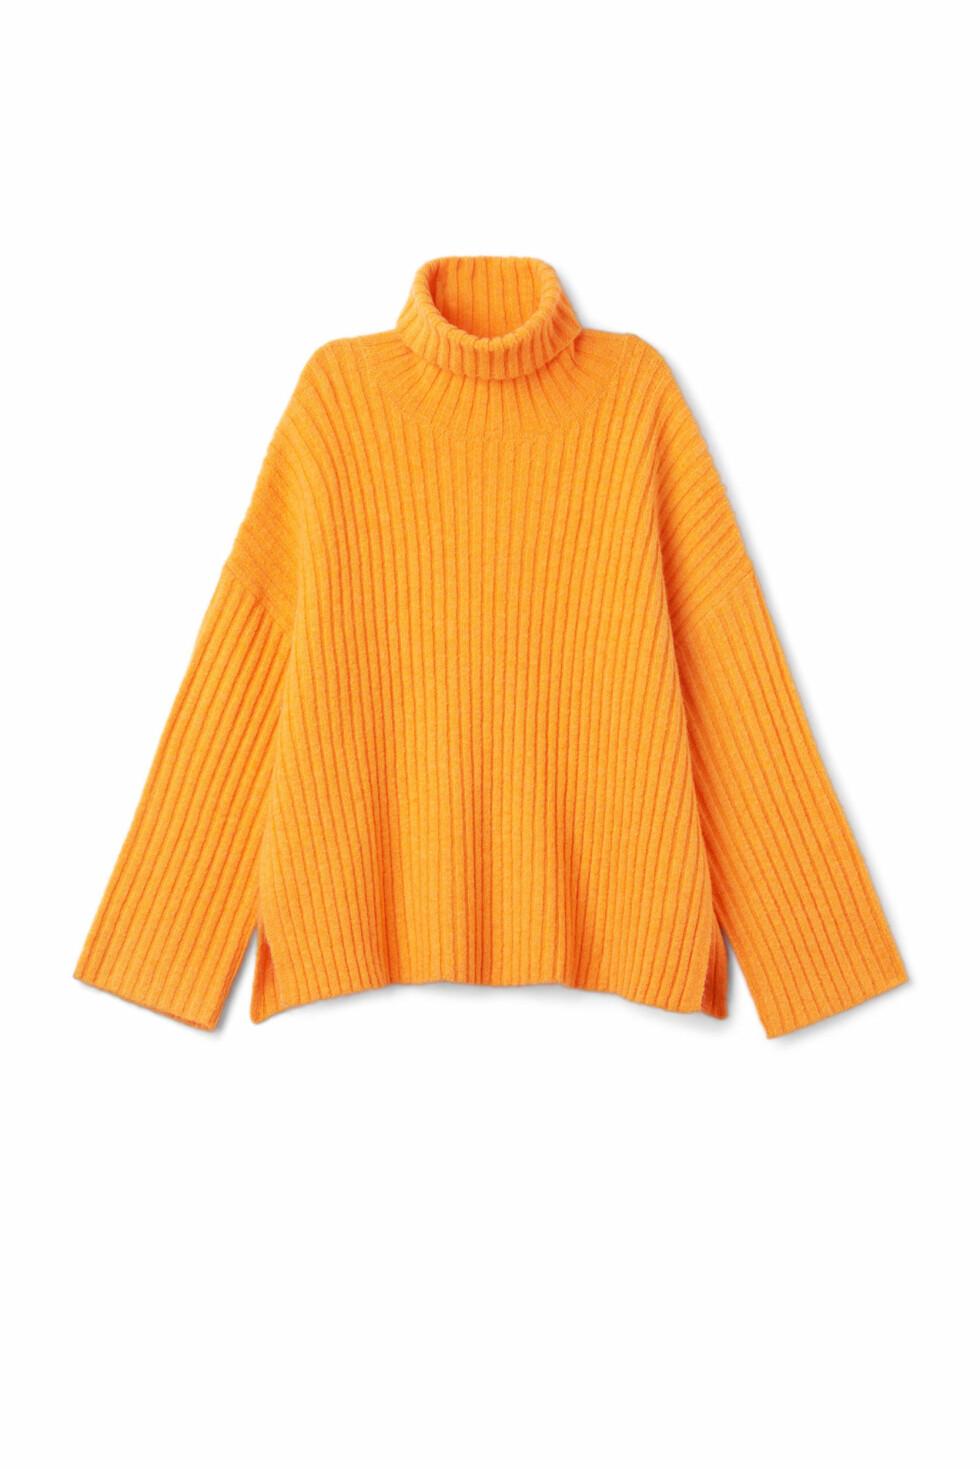 Genser fra Weekday  500,-  https://www.weekday.com/en_sek/women/categories/all/product.etch-sweater-dusty-tangerine.0589392004.html